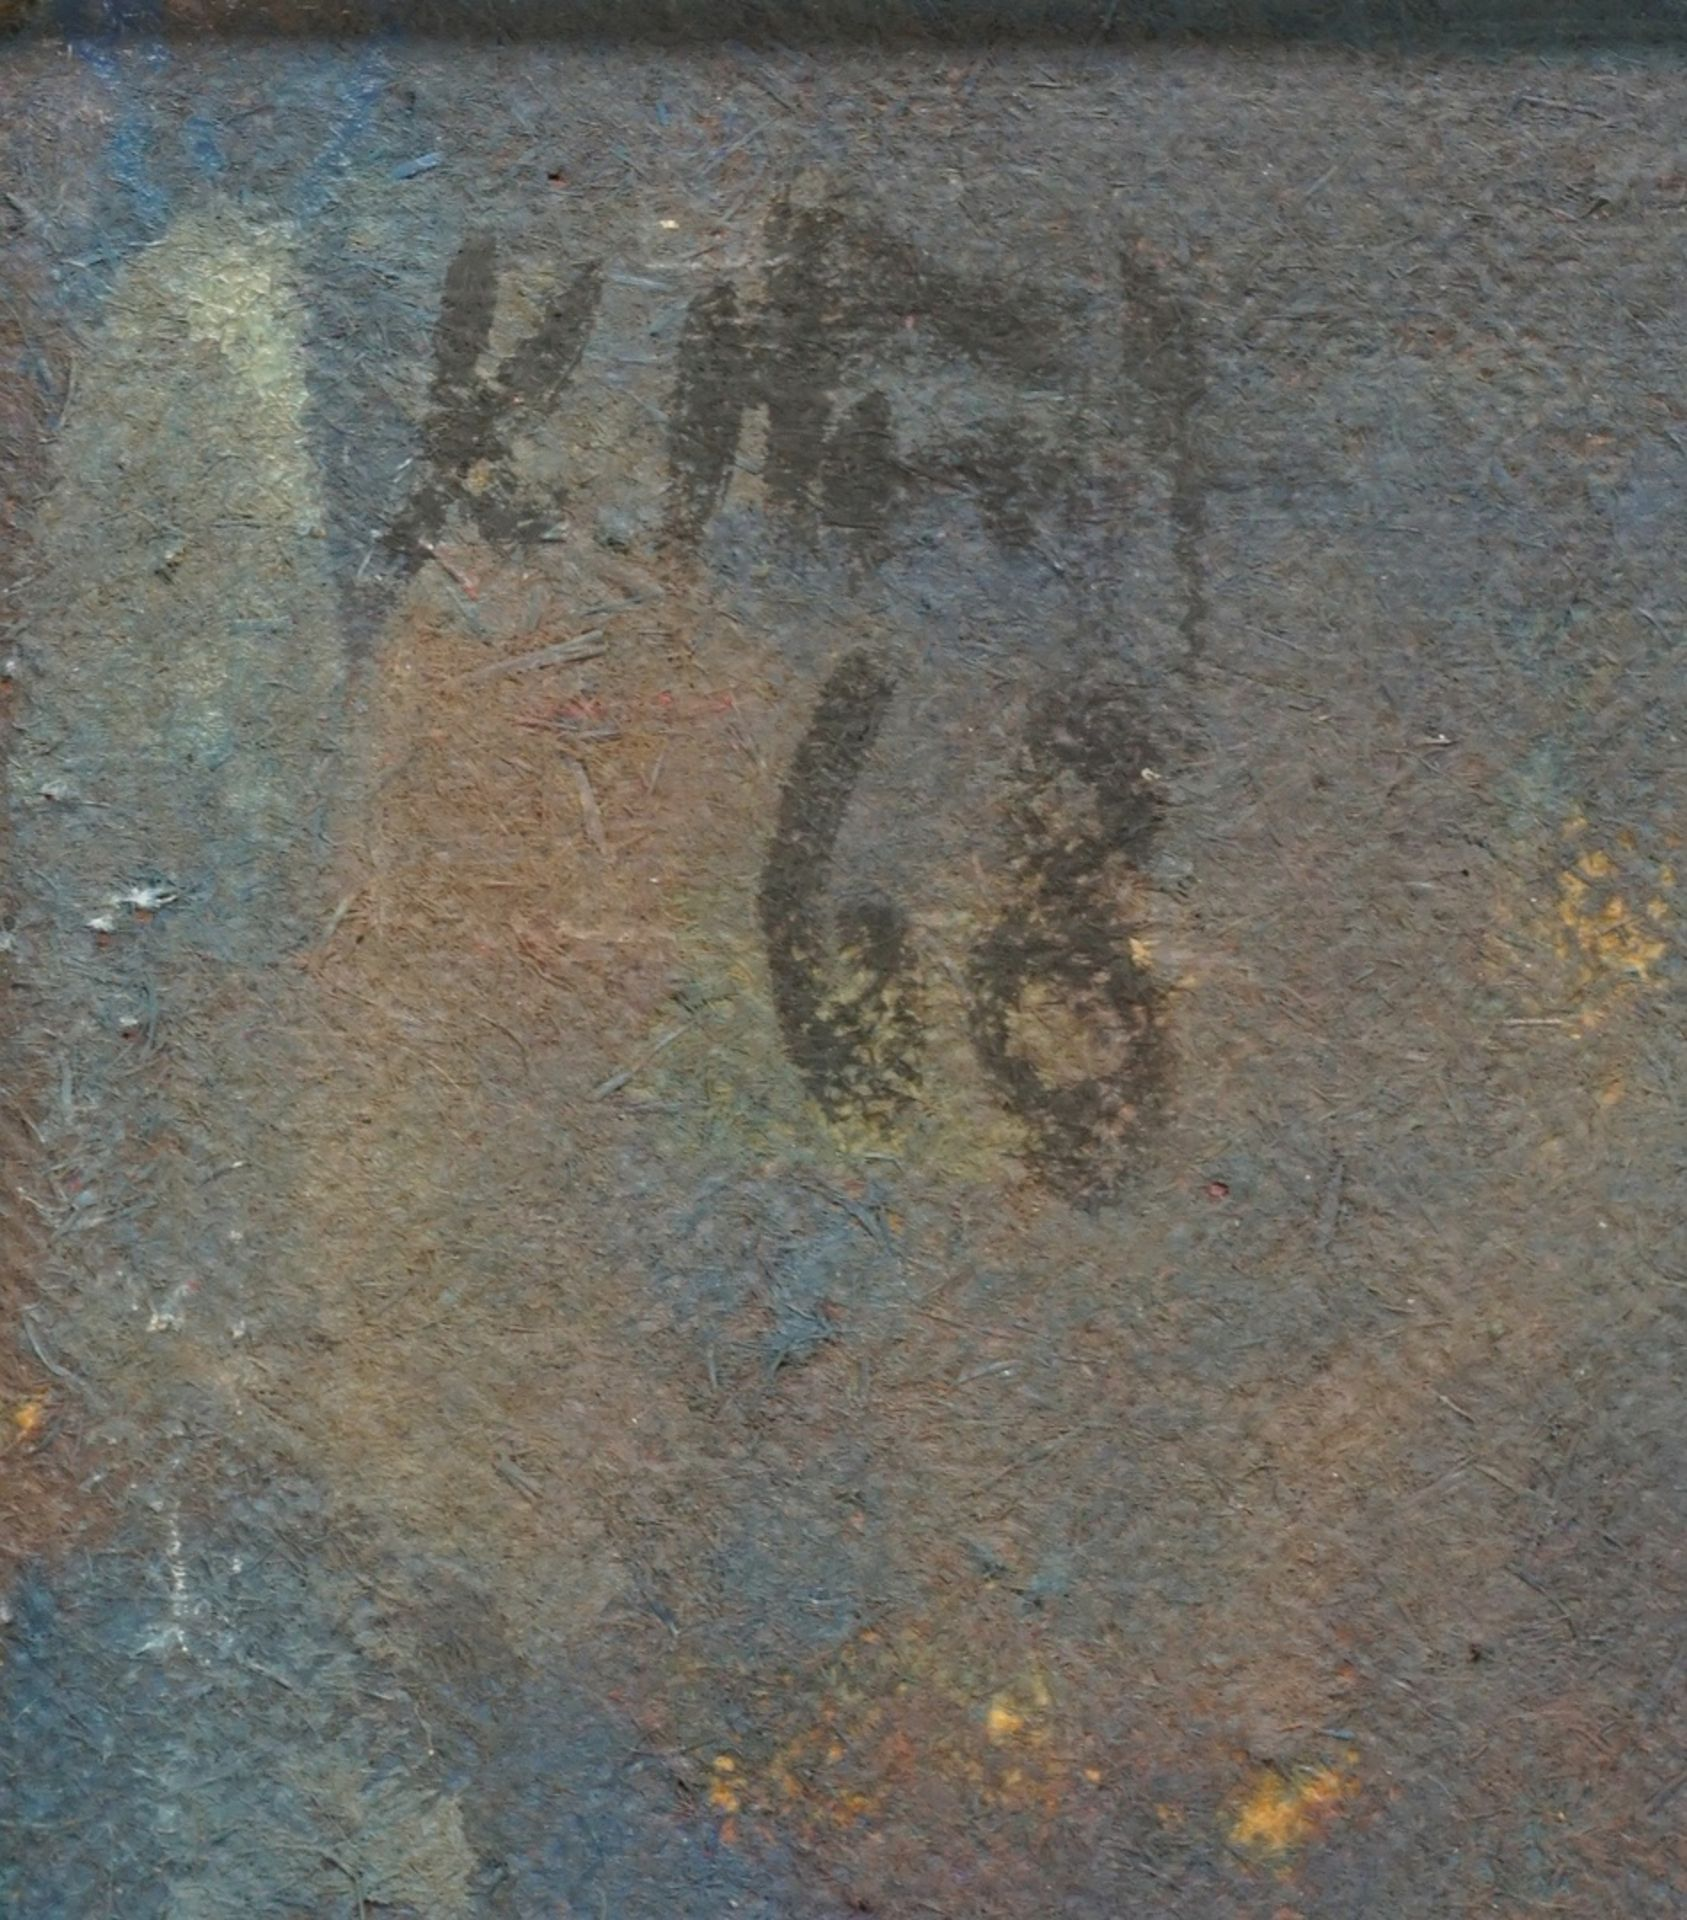 Hüll ( ), Puppen-Disko - Bild 4 aus 4